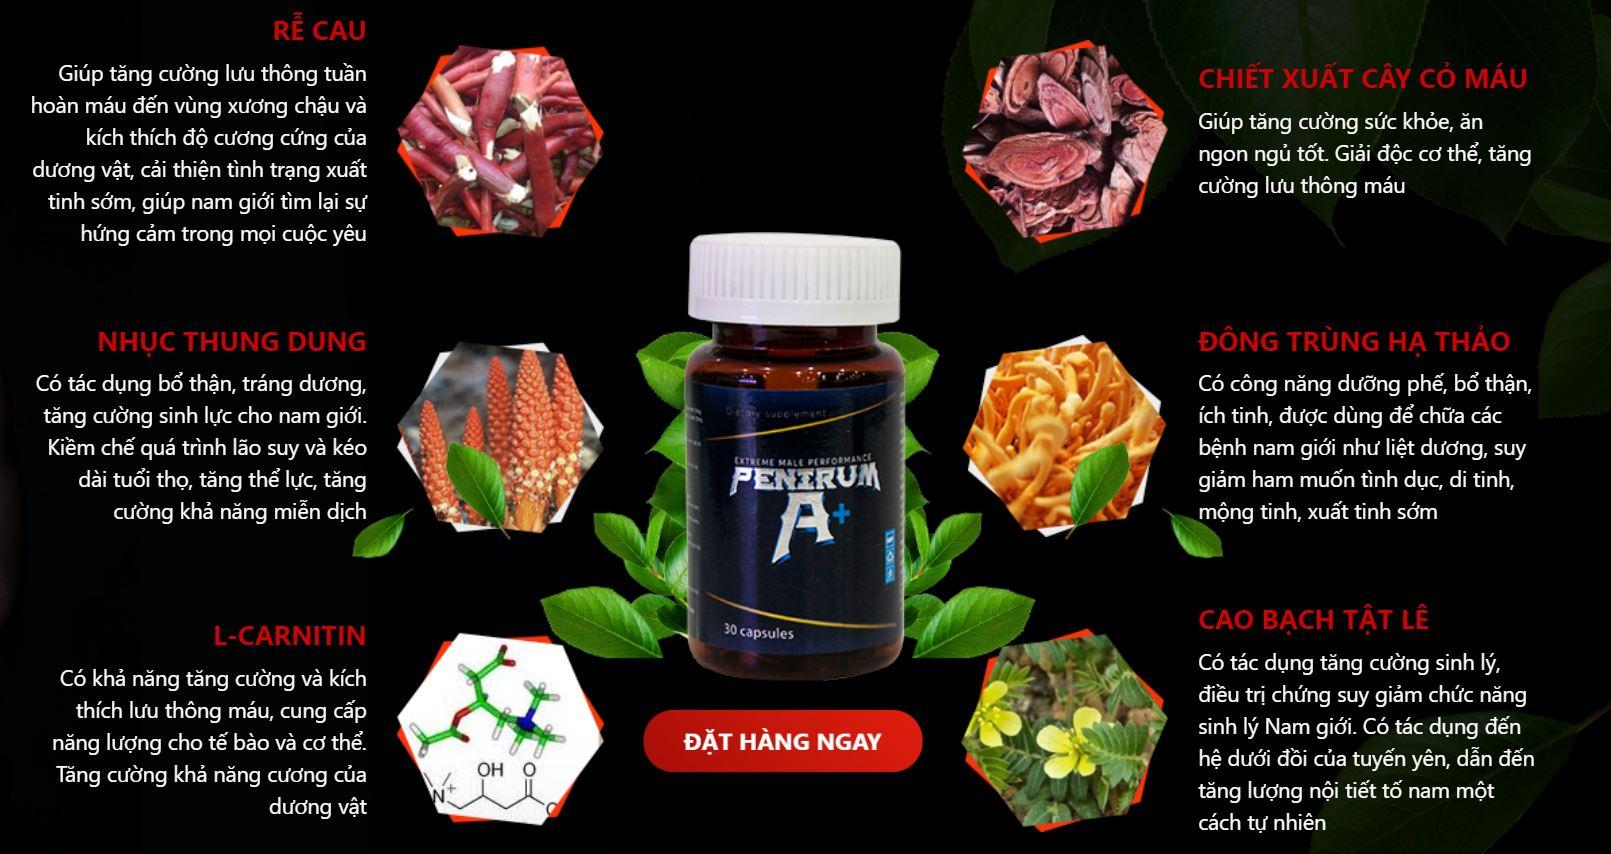 Viên uống Penirum được chiết xuất từ các thảo dược có trong tự nhiên